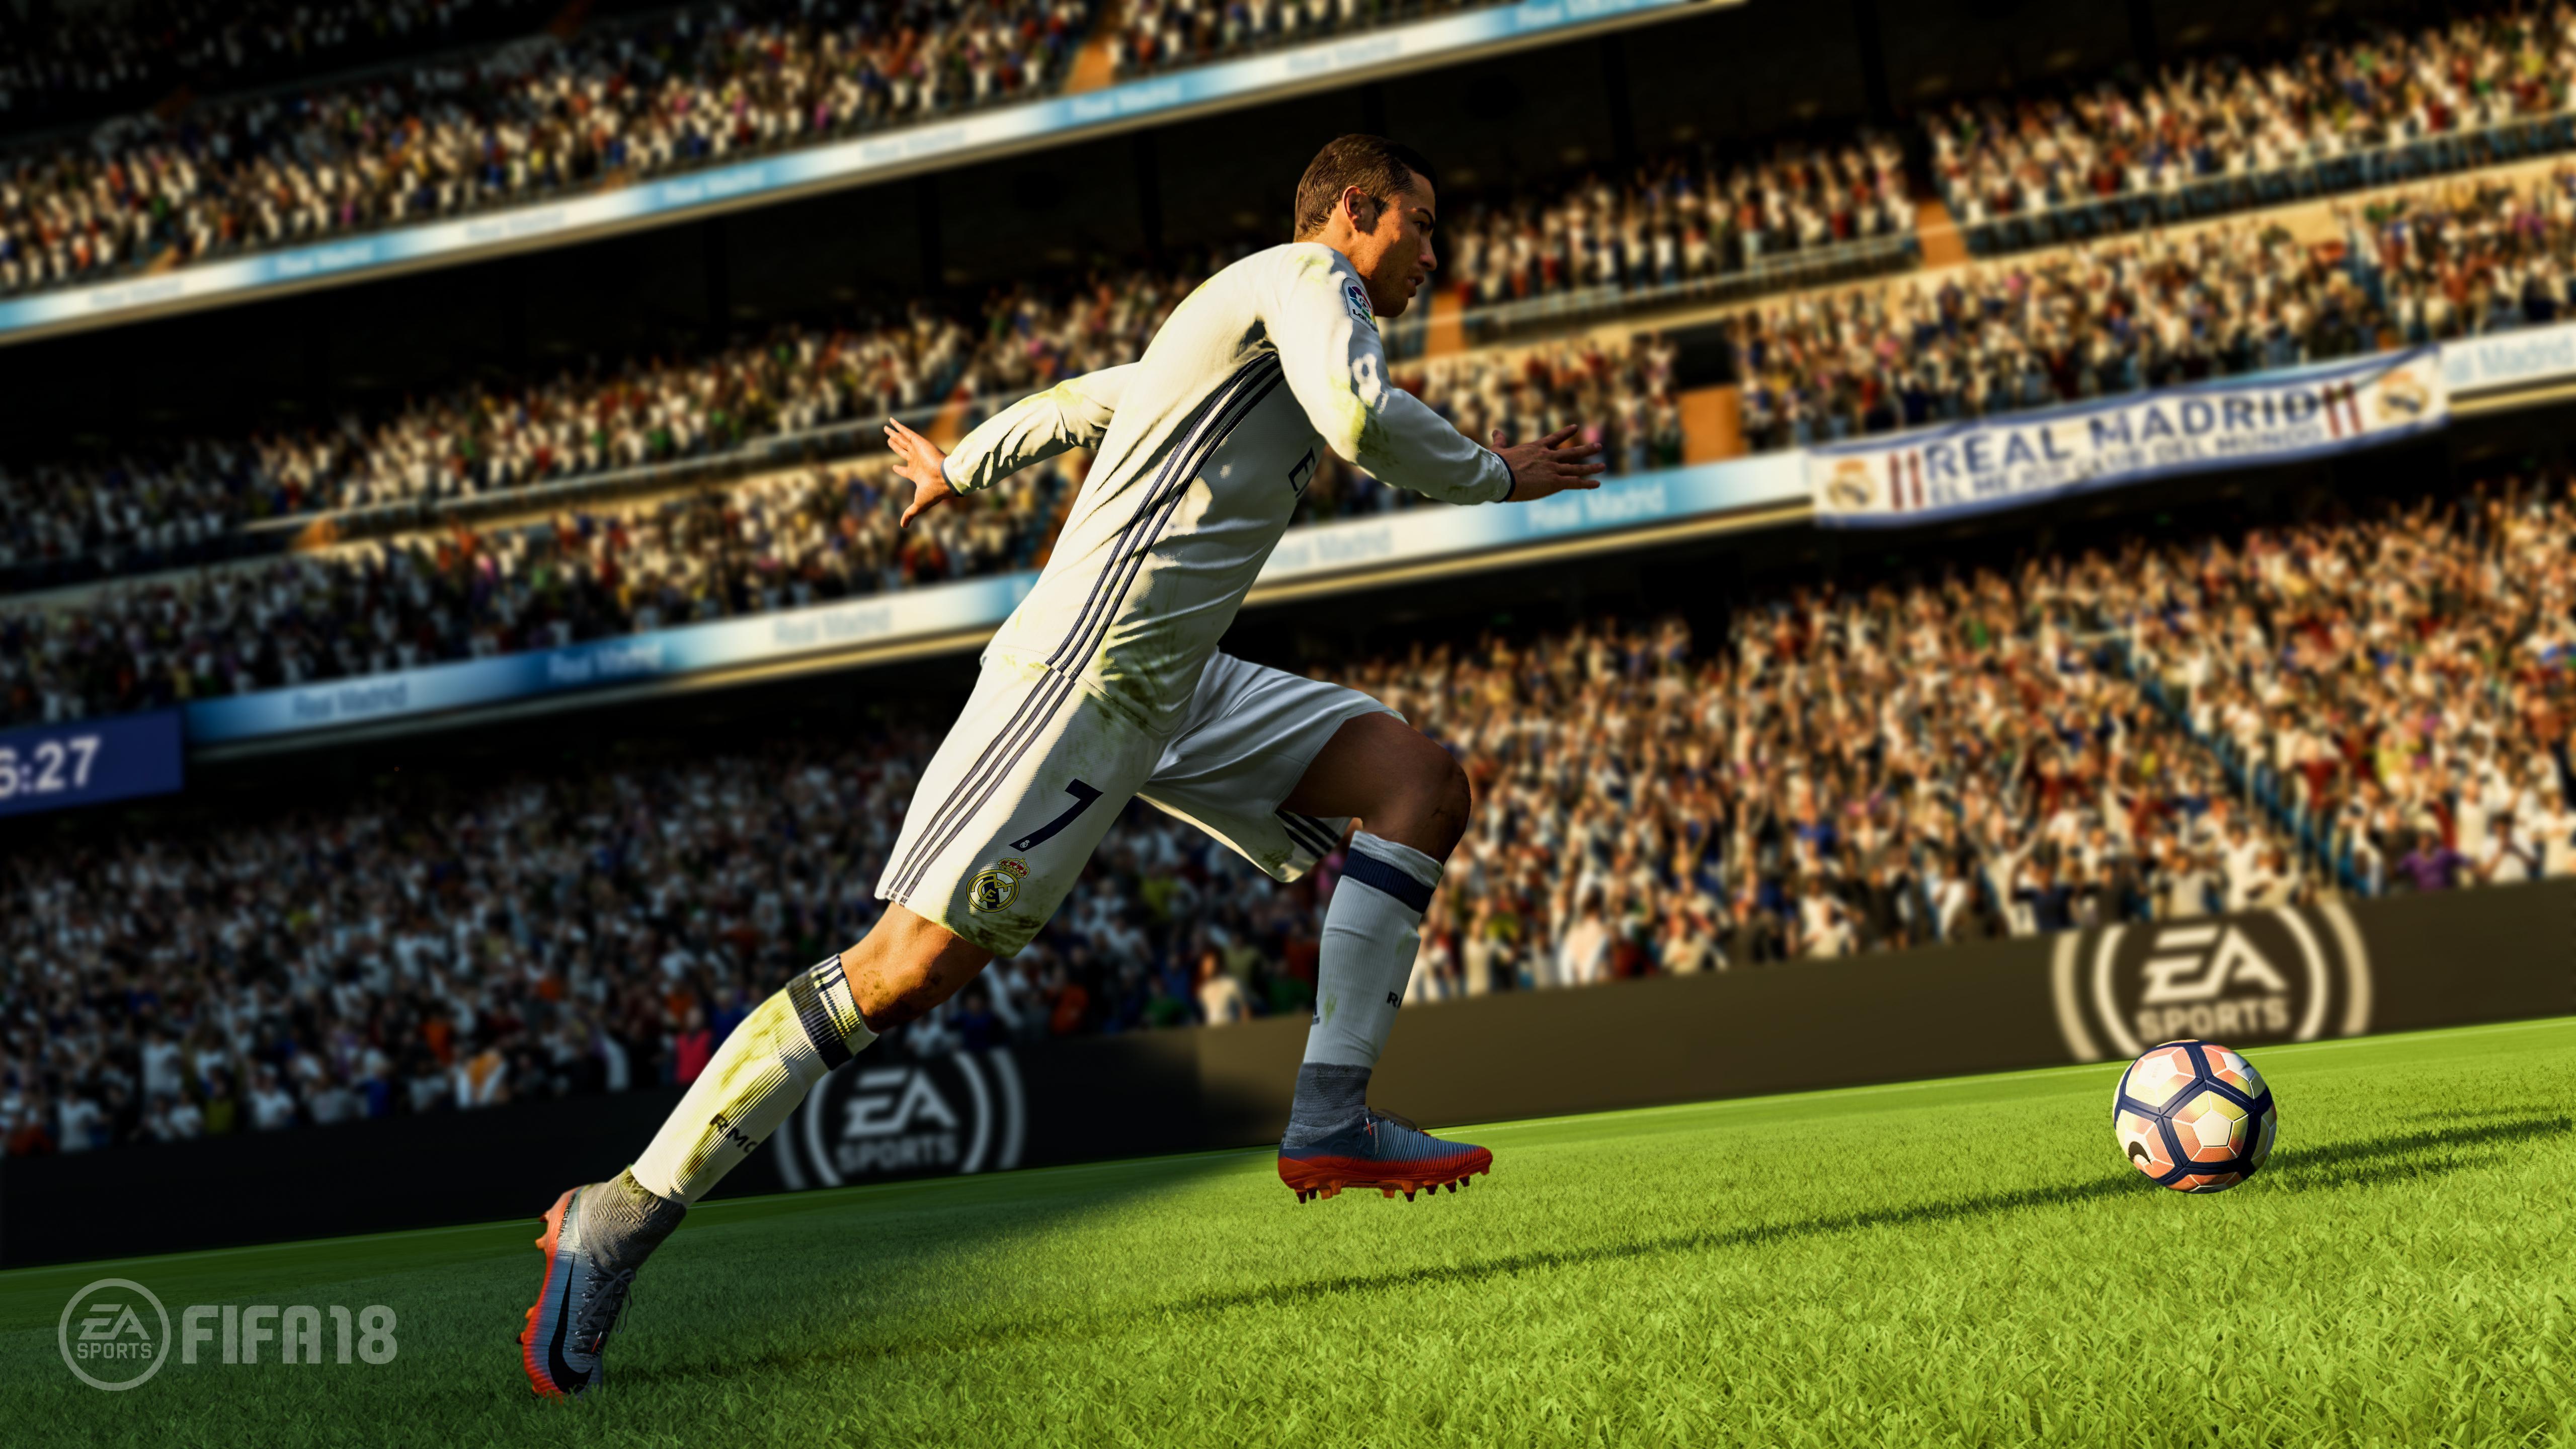 Cristiano Ronaldo in movement in the latest FIFA 18 trailer